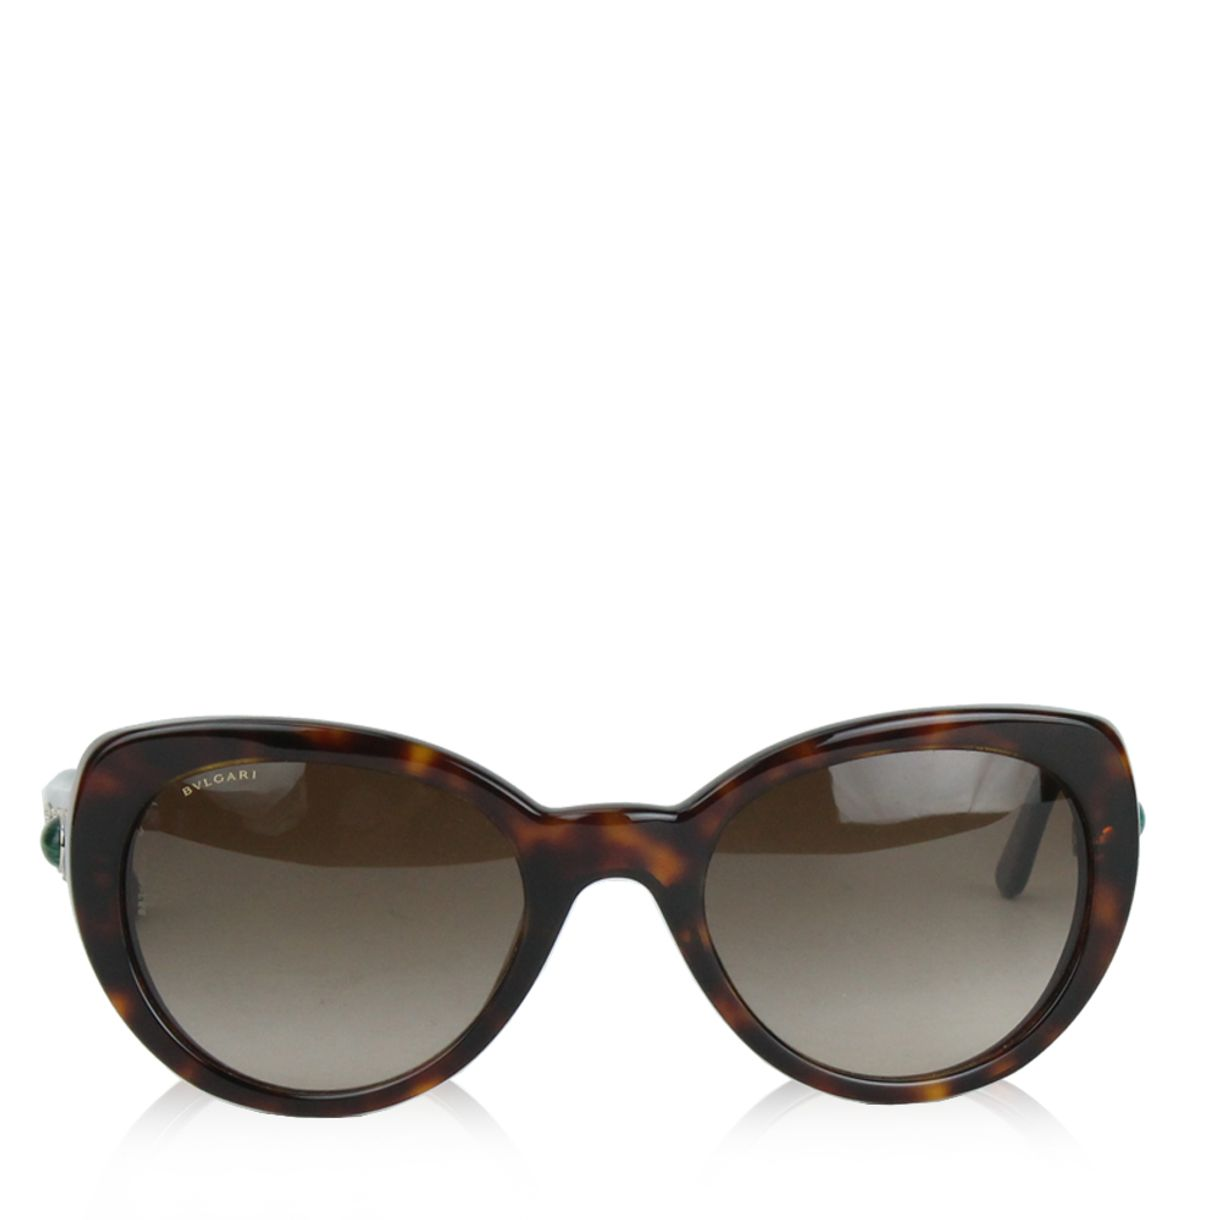 60423-oculos-bvlgari-tartaruga-1